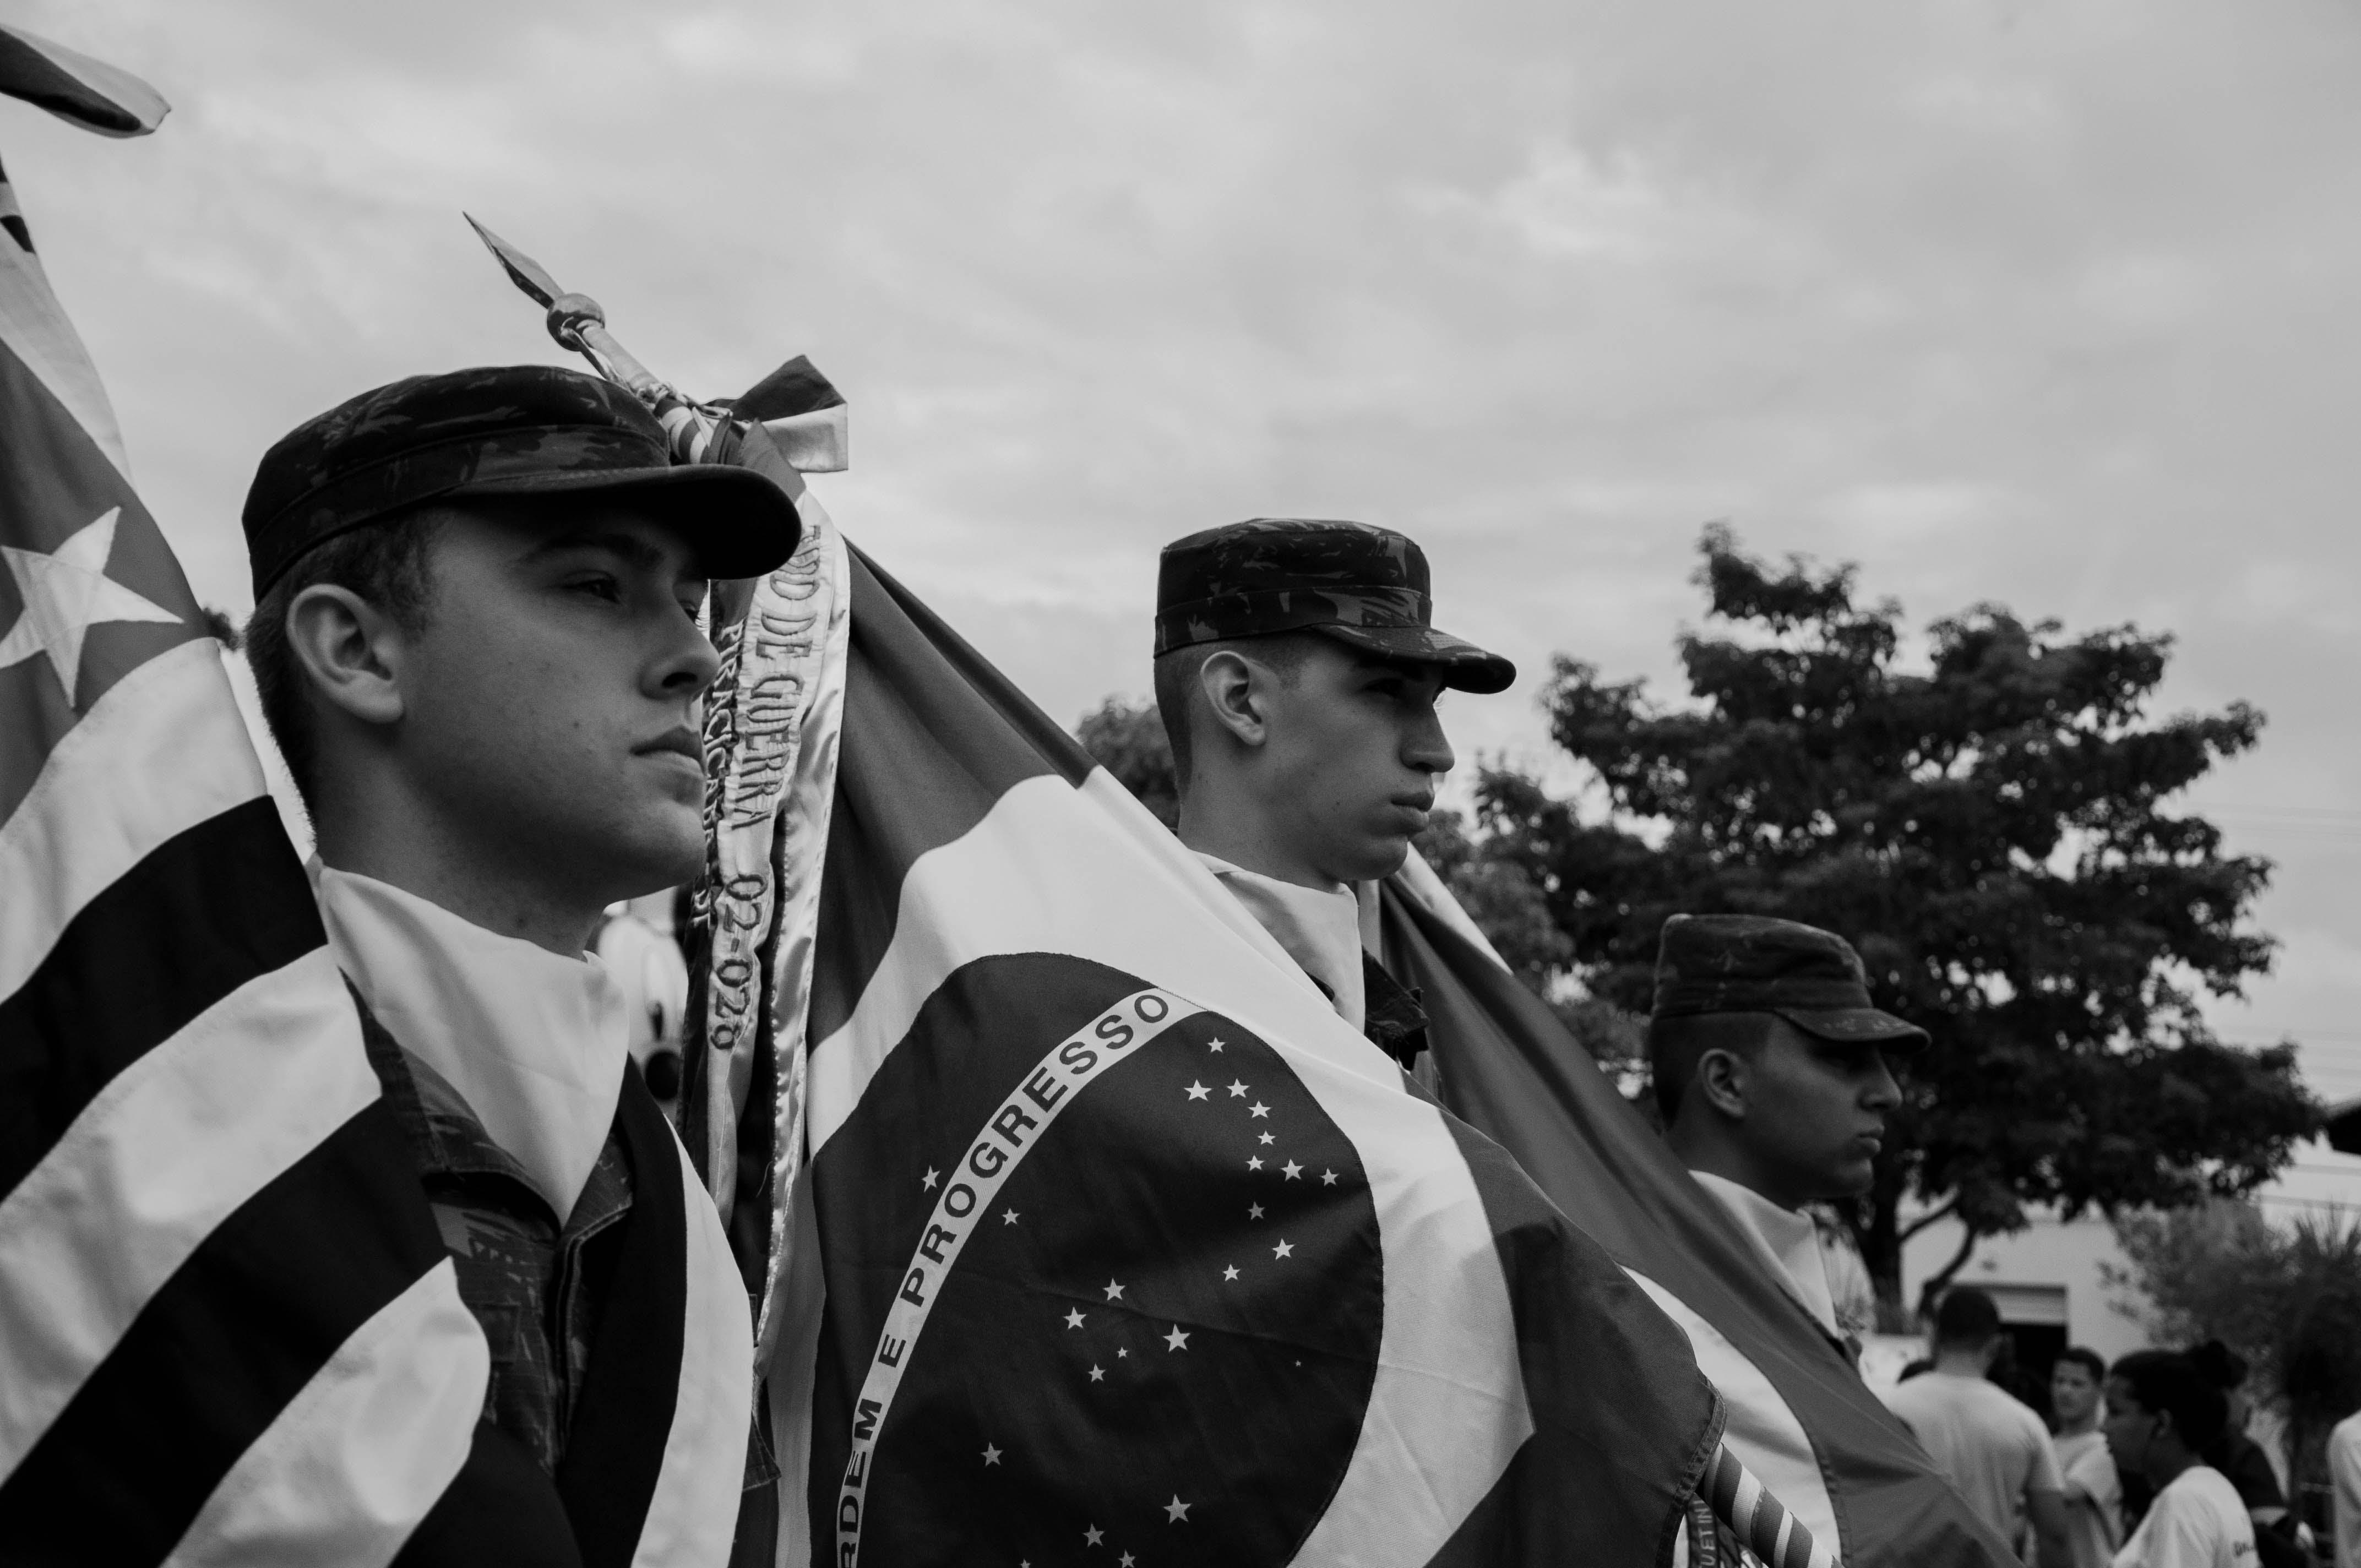 Fotos de stock gratuitas de agruparse, banderas, de marcha, fotografía monocromática